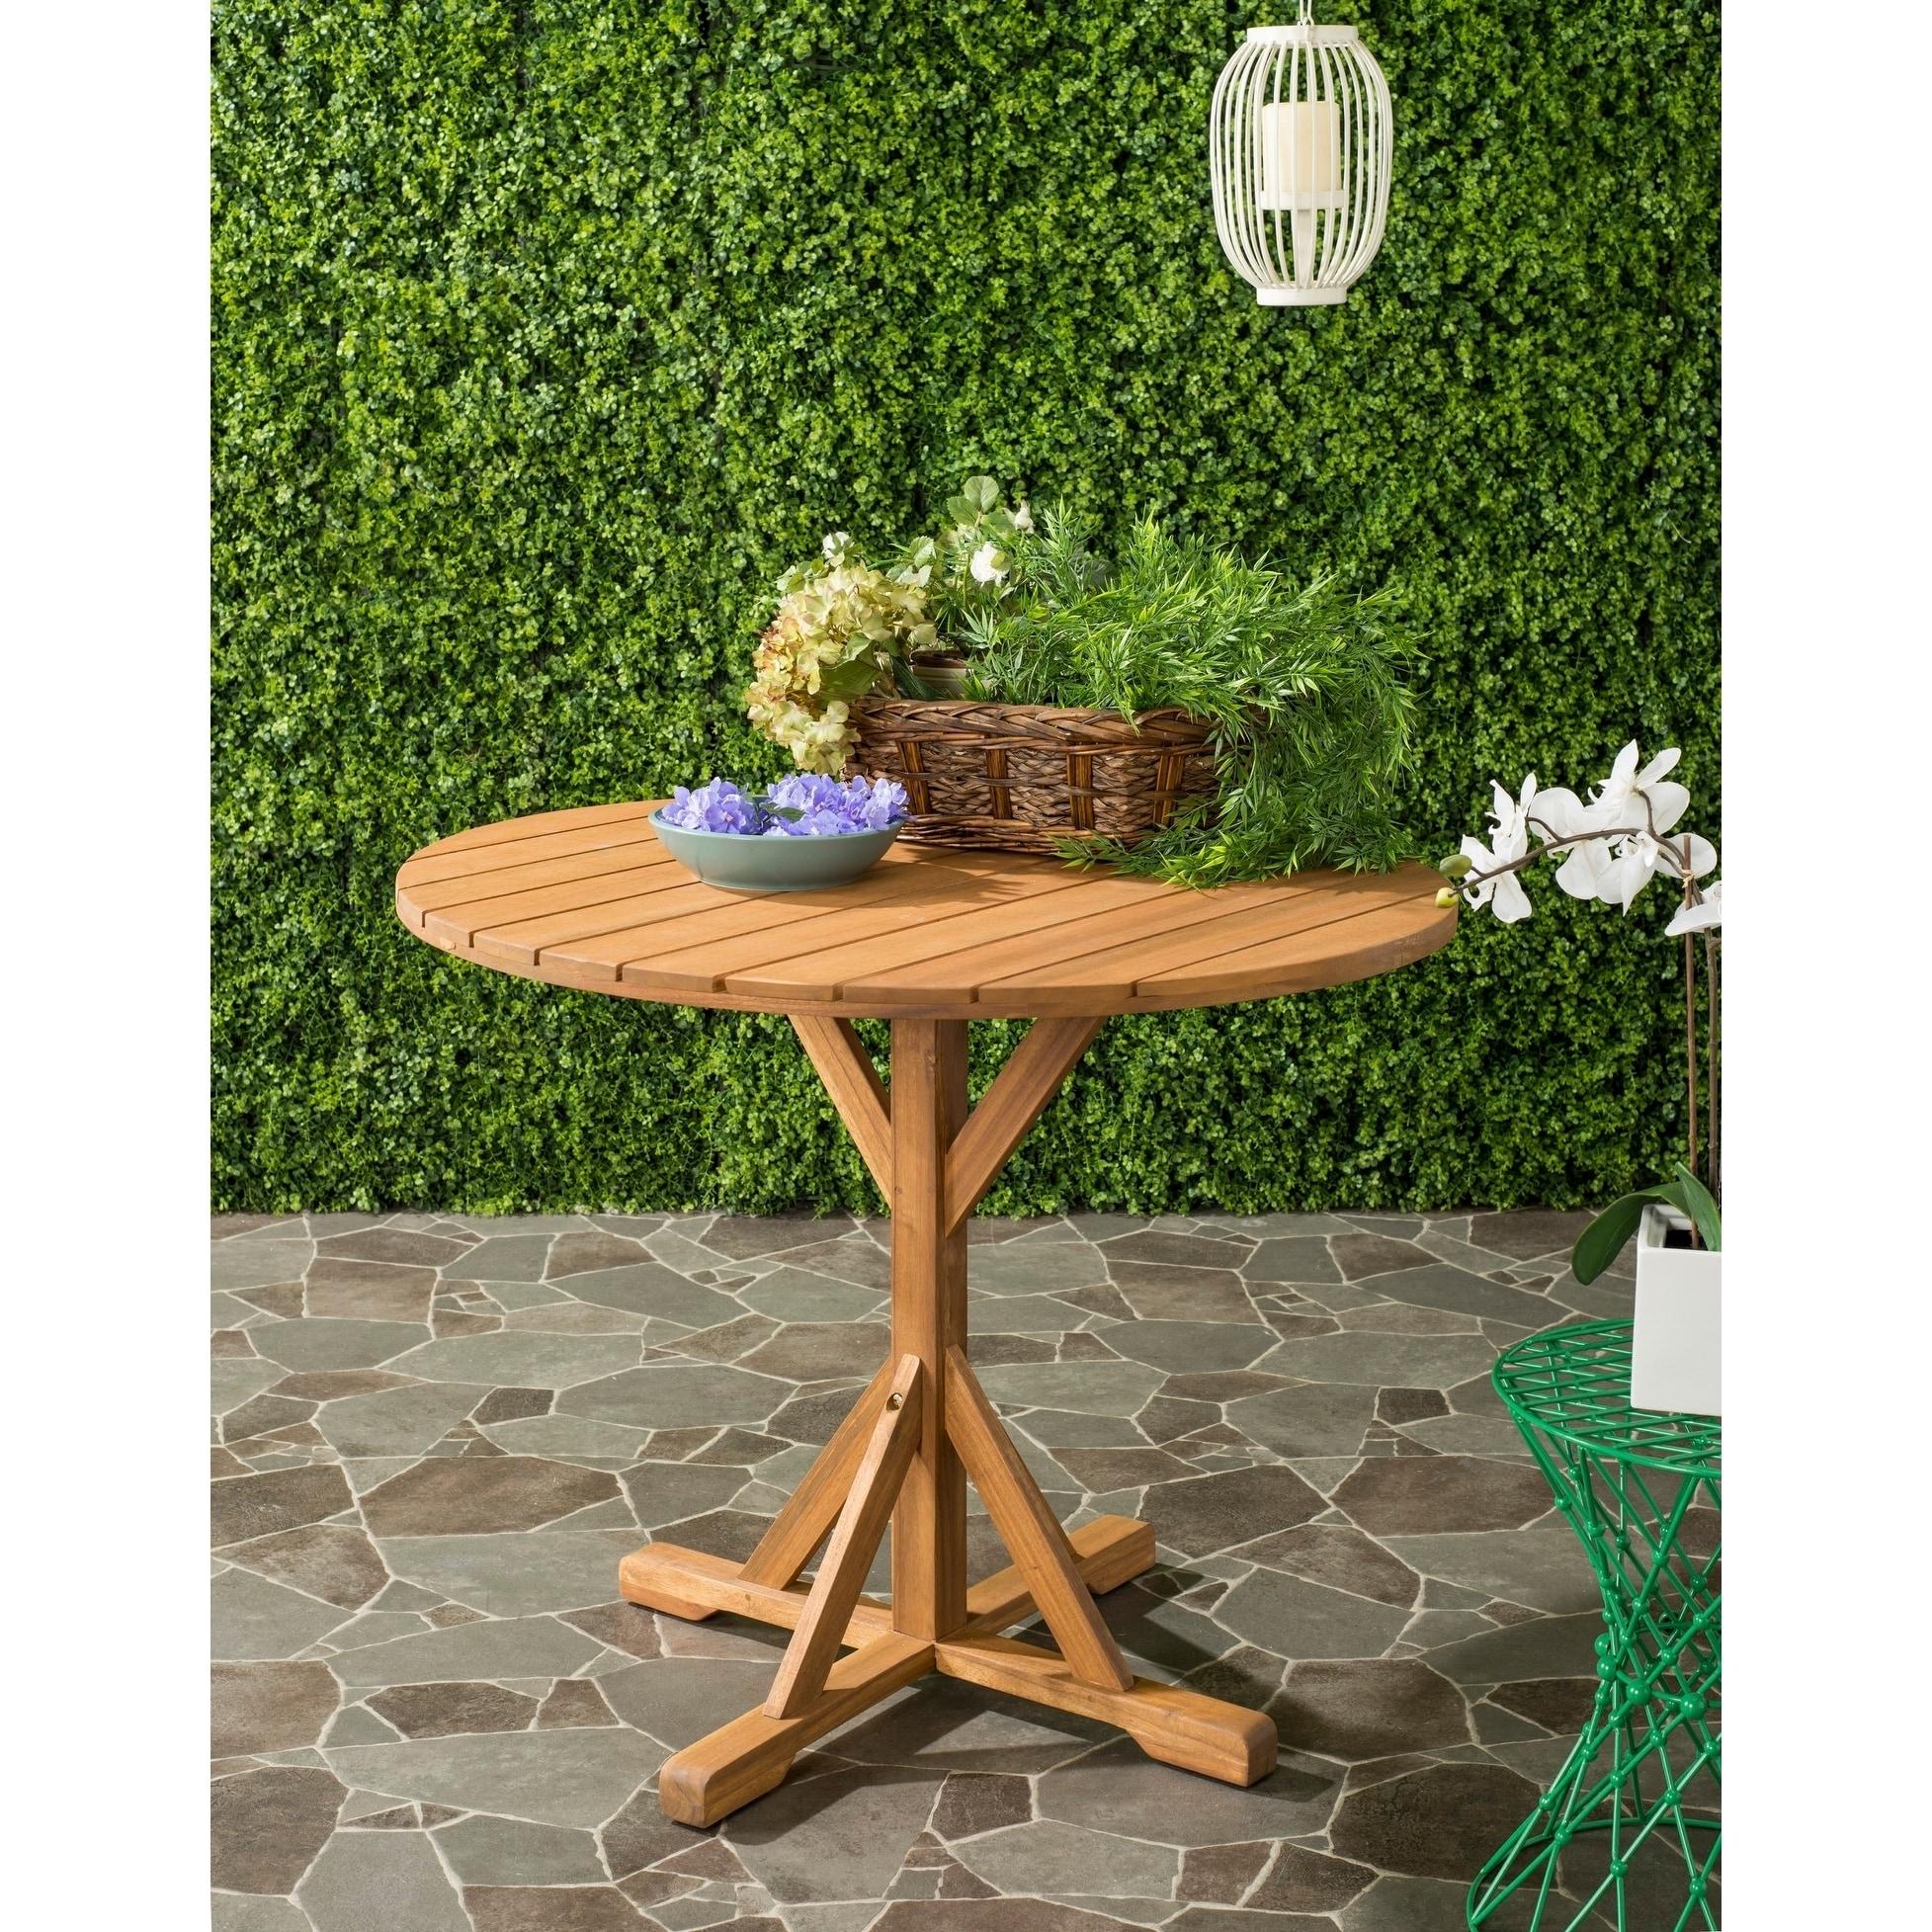 Safavieh Arcata Outdoor Round Table